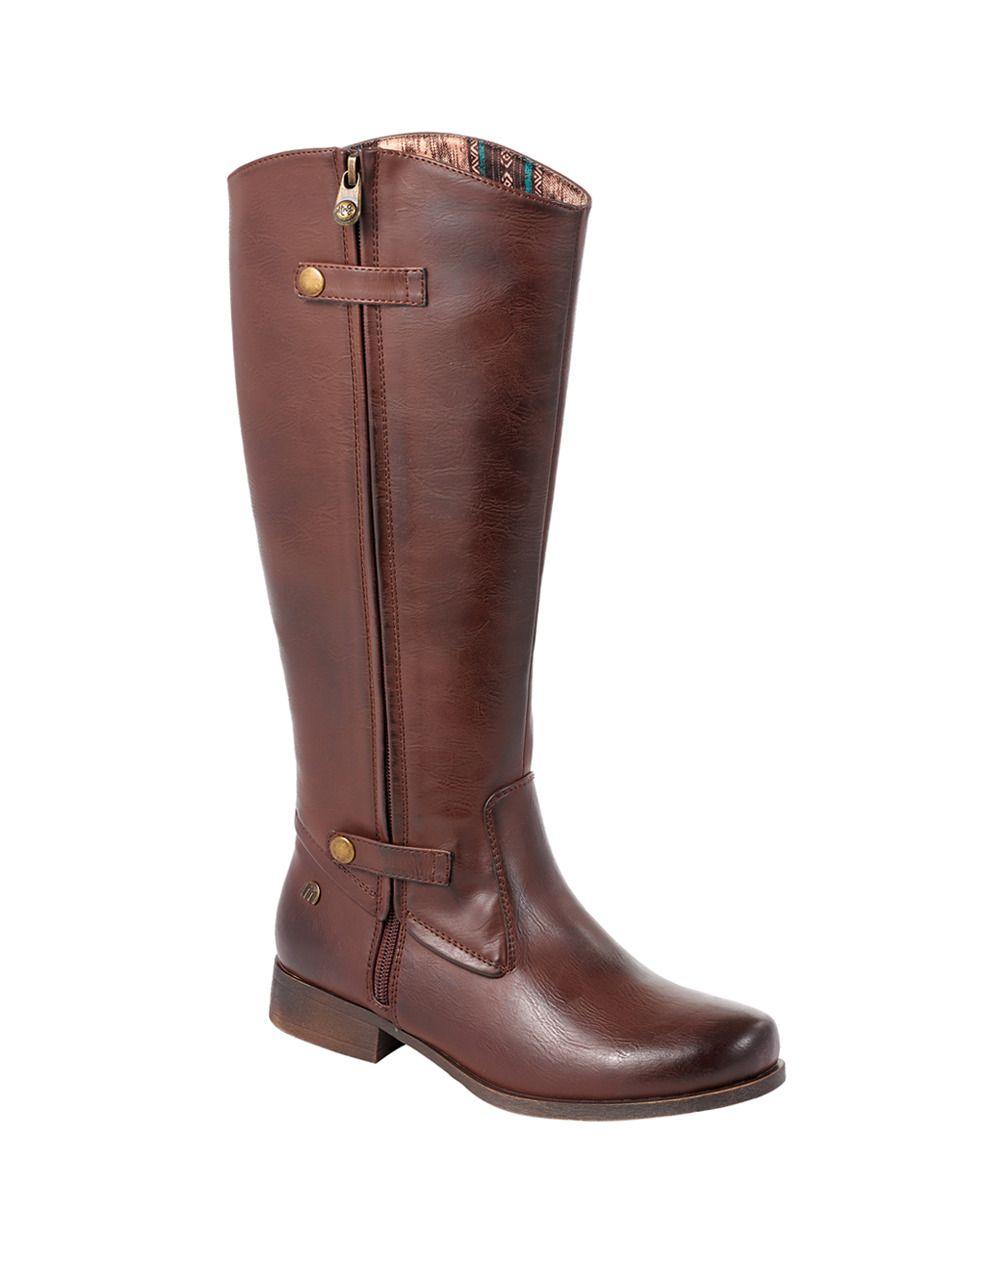 Botas de mujer Mustang Mujer Zapatos El El Zapatos Corte Inglés Moda 97f7ab